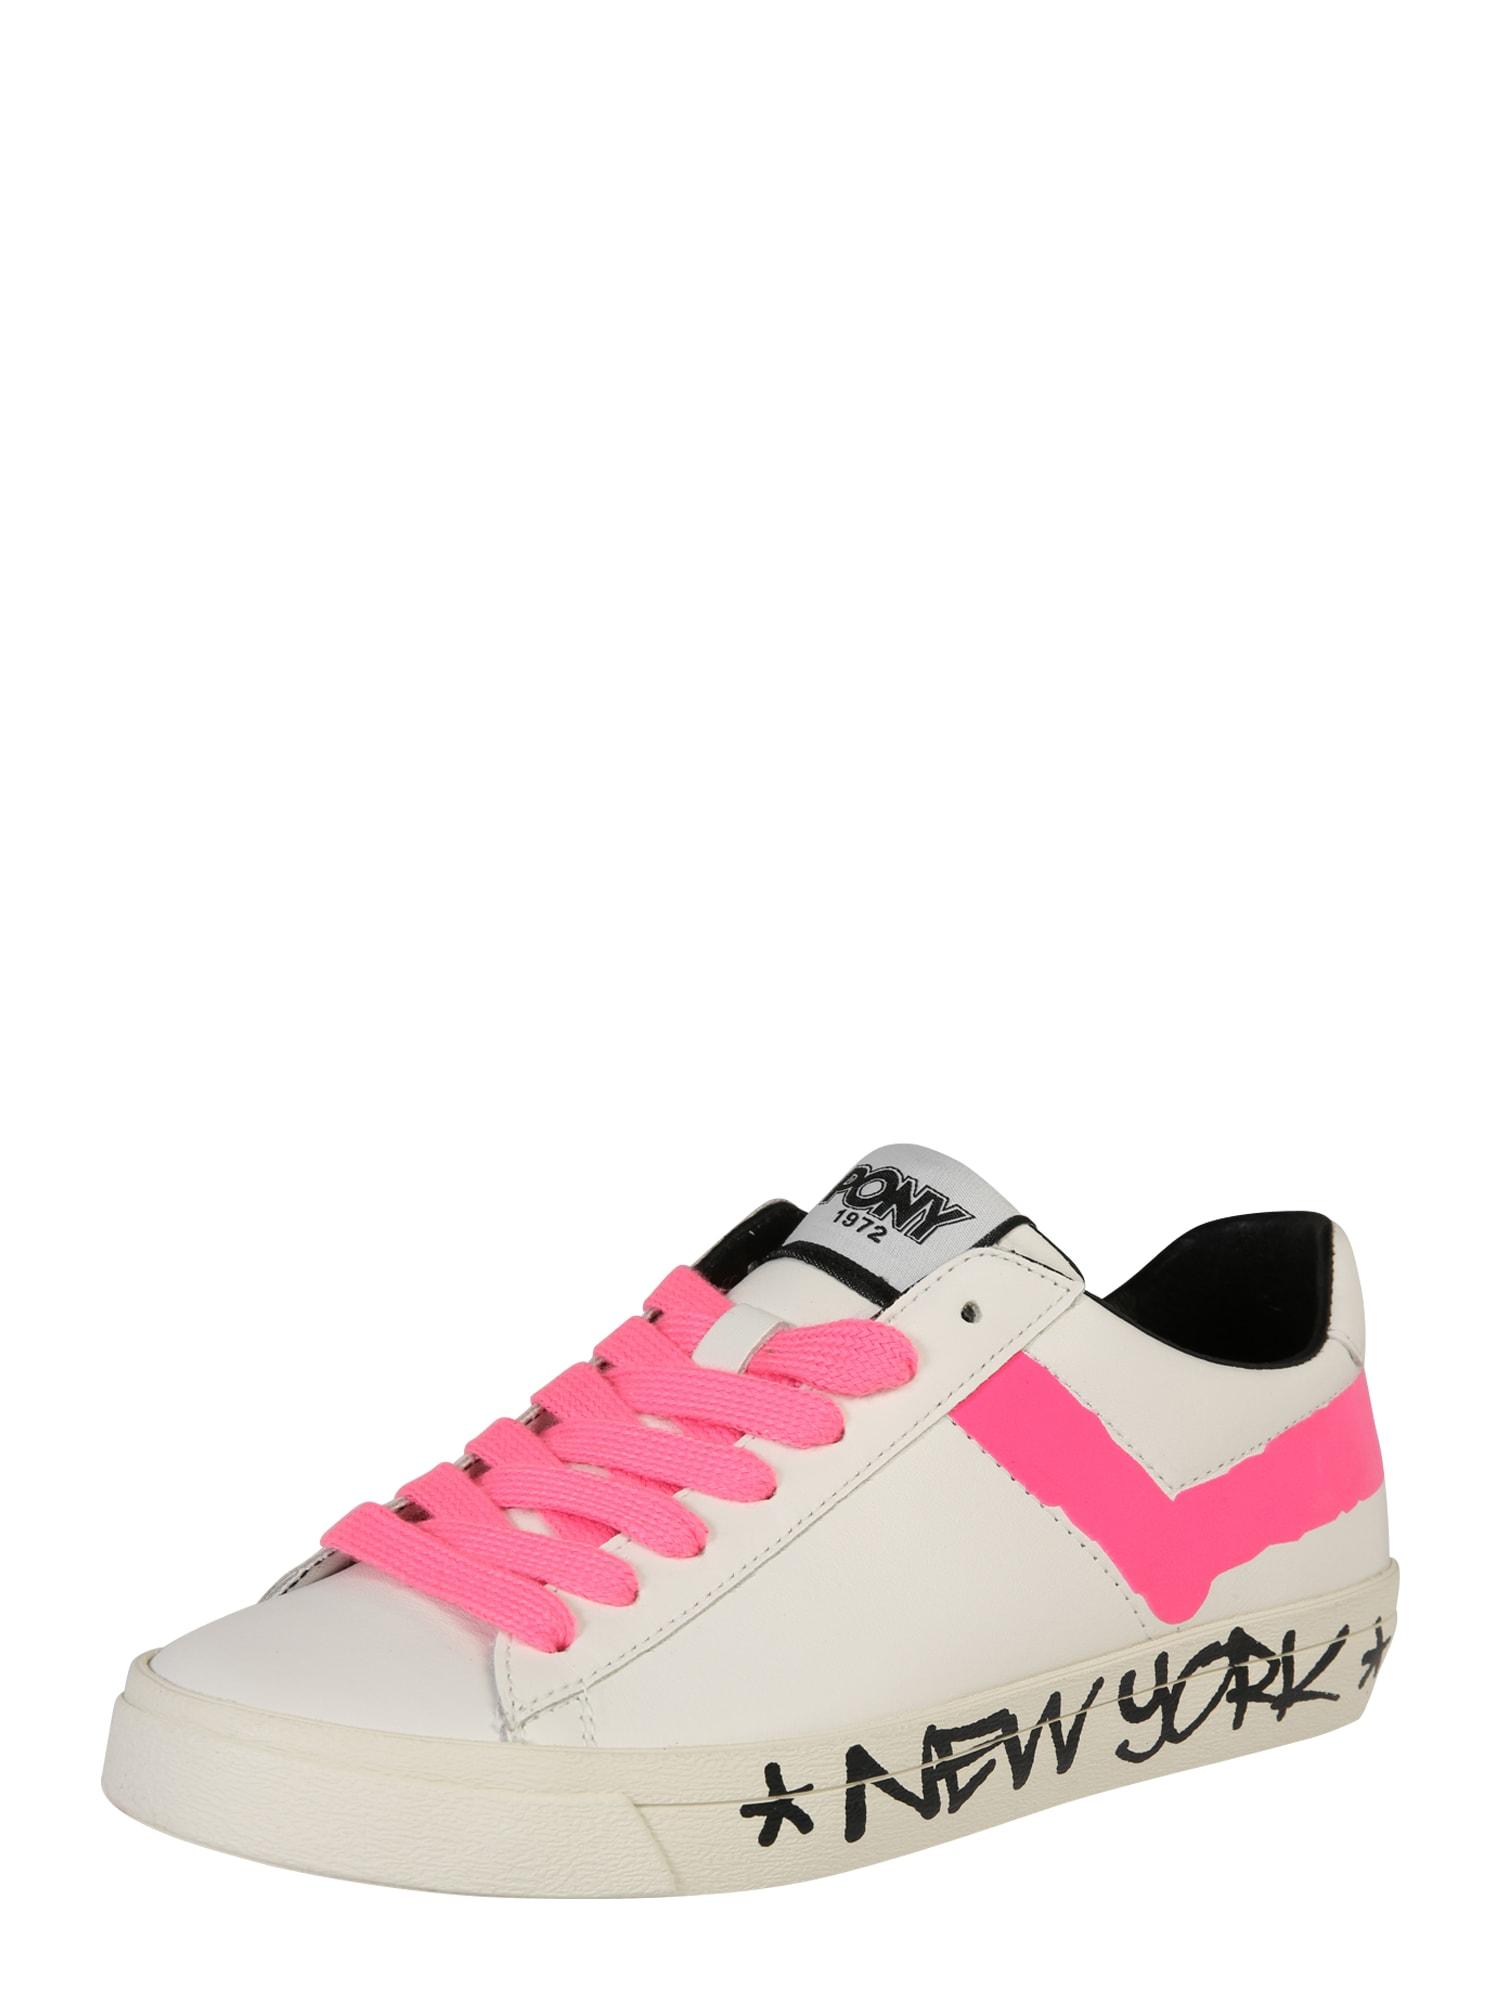 Tenisky TOP STAR pink bílá PONY